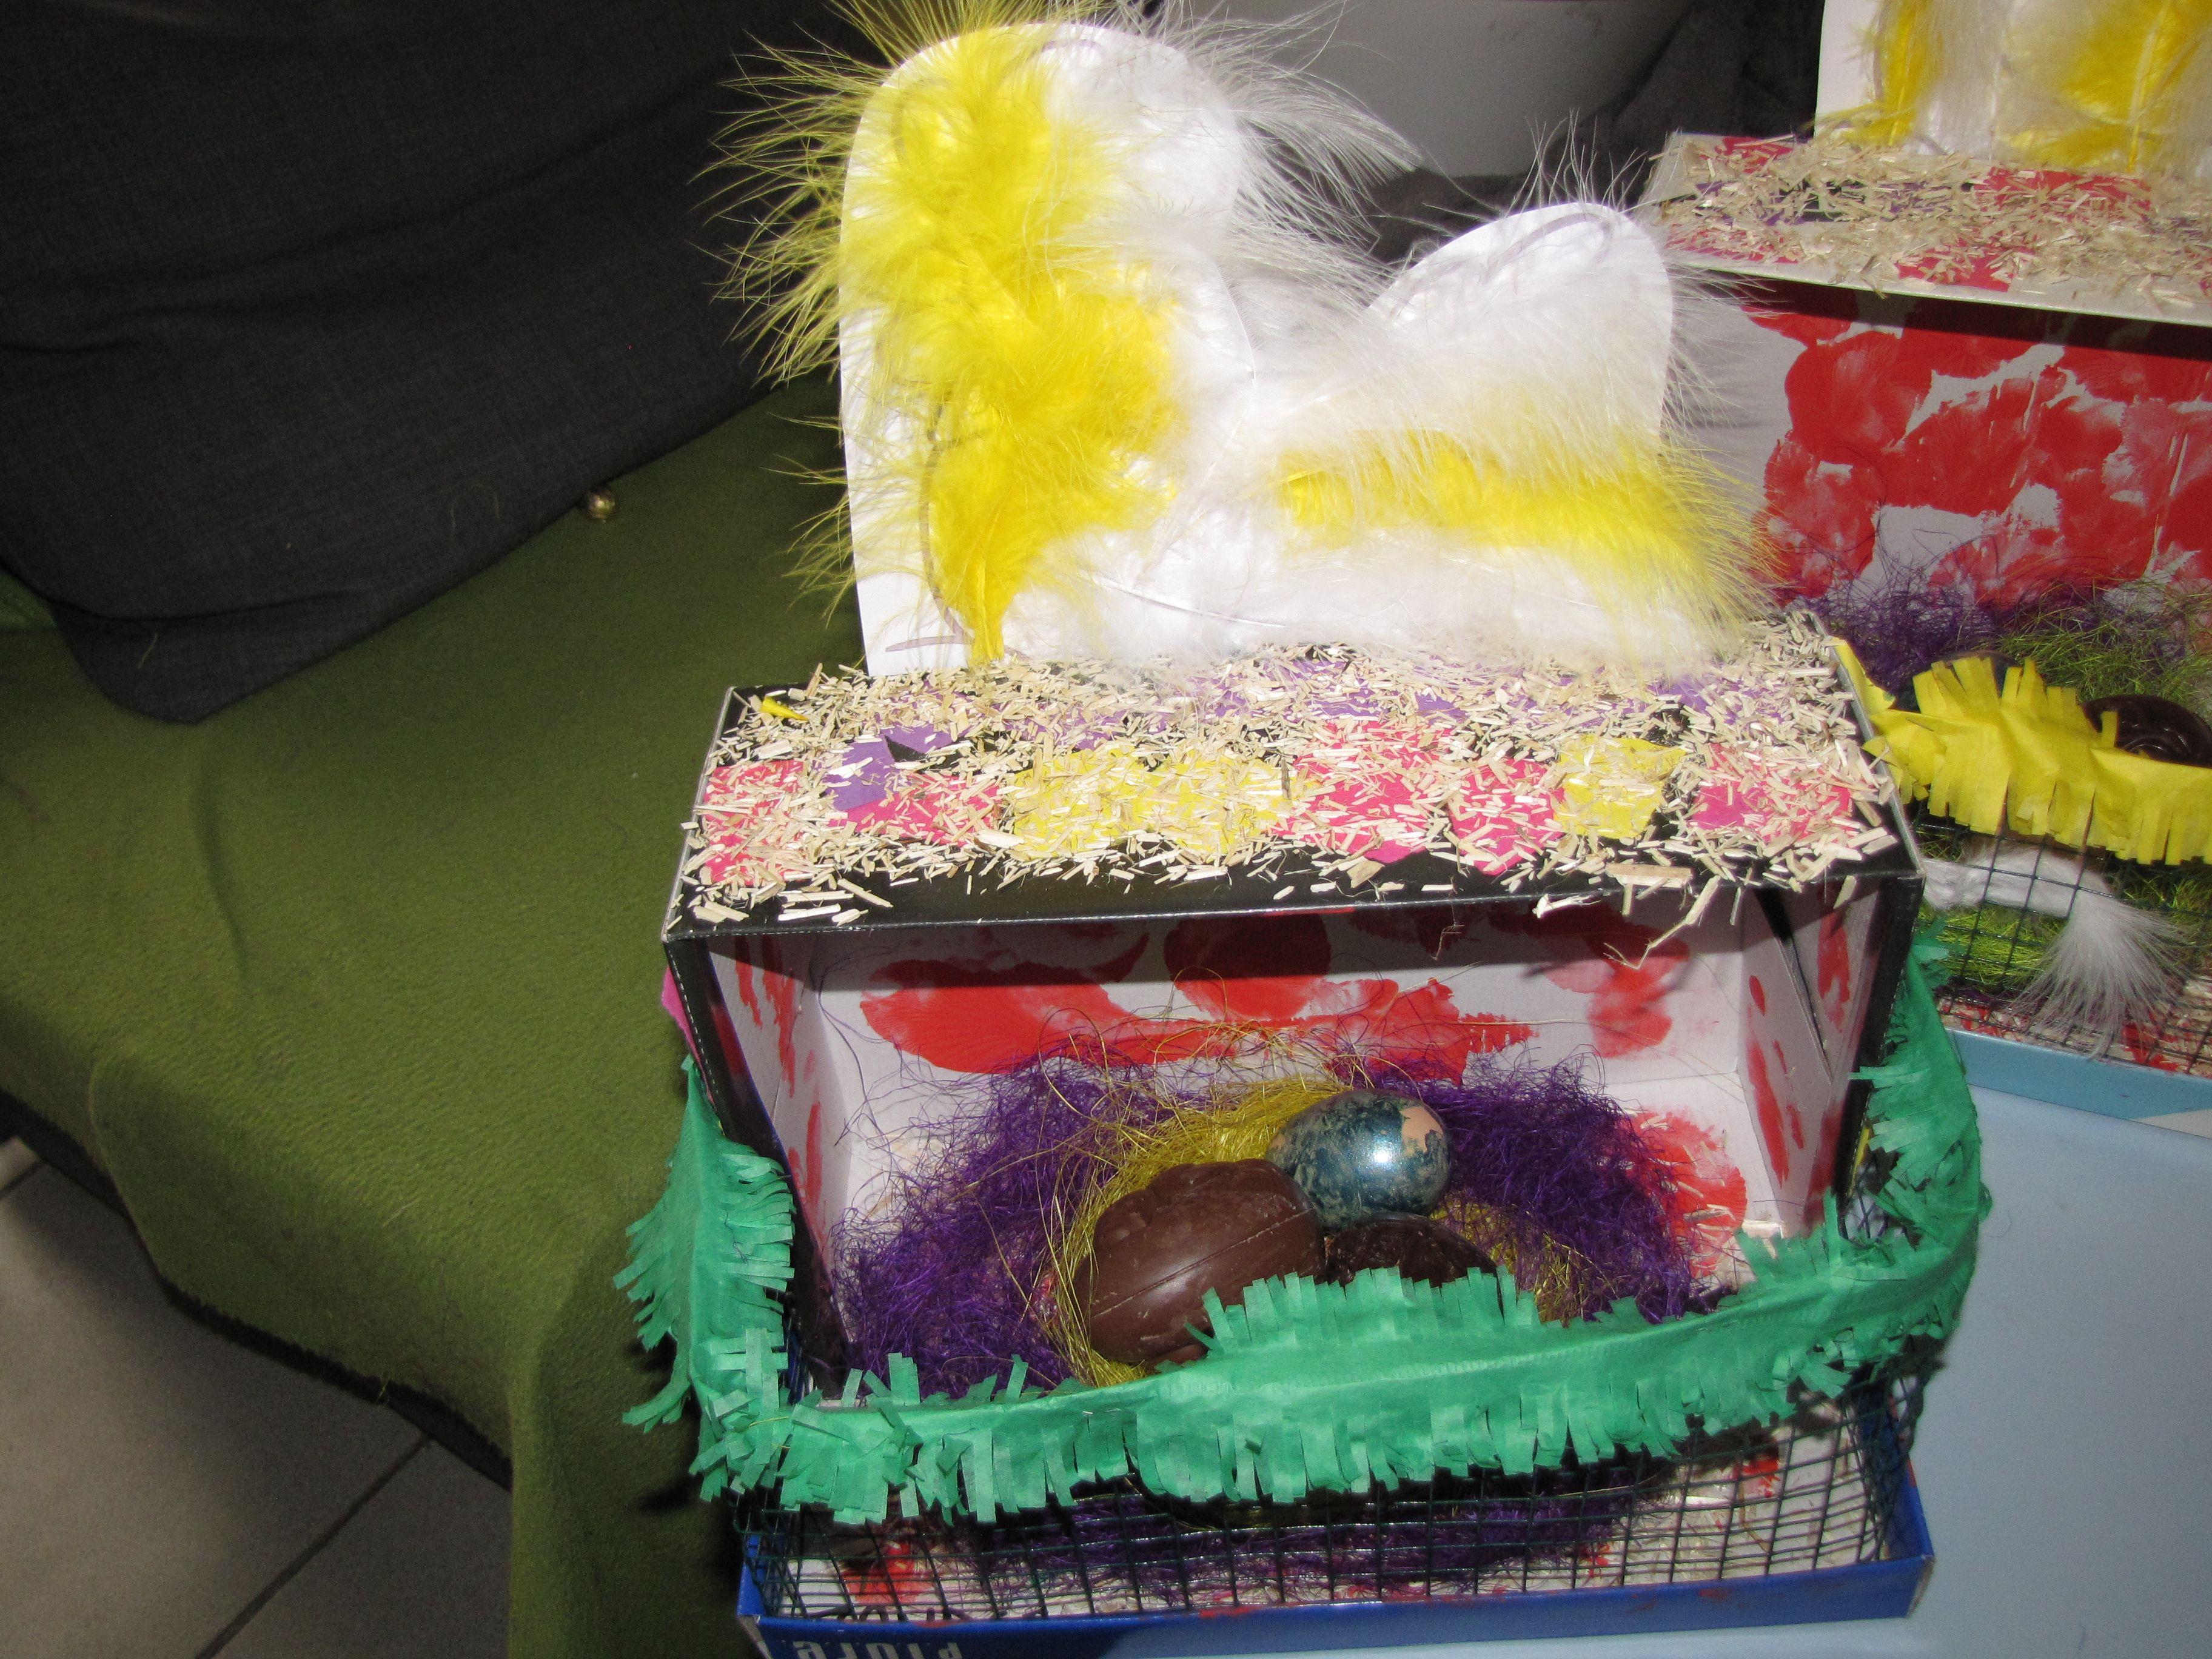 Kippenhokje  - schoendoos laten beplakken met langs 4 kanten met gekleurd papier - met een ballon de binnenkant een beetje kleur gegeven - zavel op de bovenkant en langs de binnenkant - hekje gemaakt + afgewerkt met groen papier - kip van pluimpjes voorzien en aan de bovenkant vast gemaakt